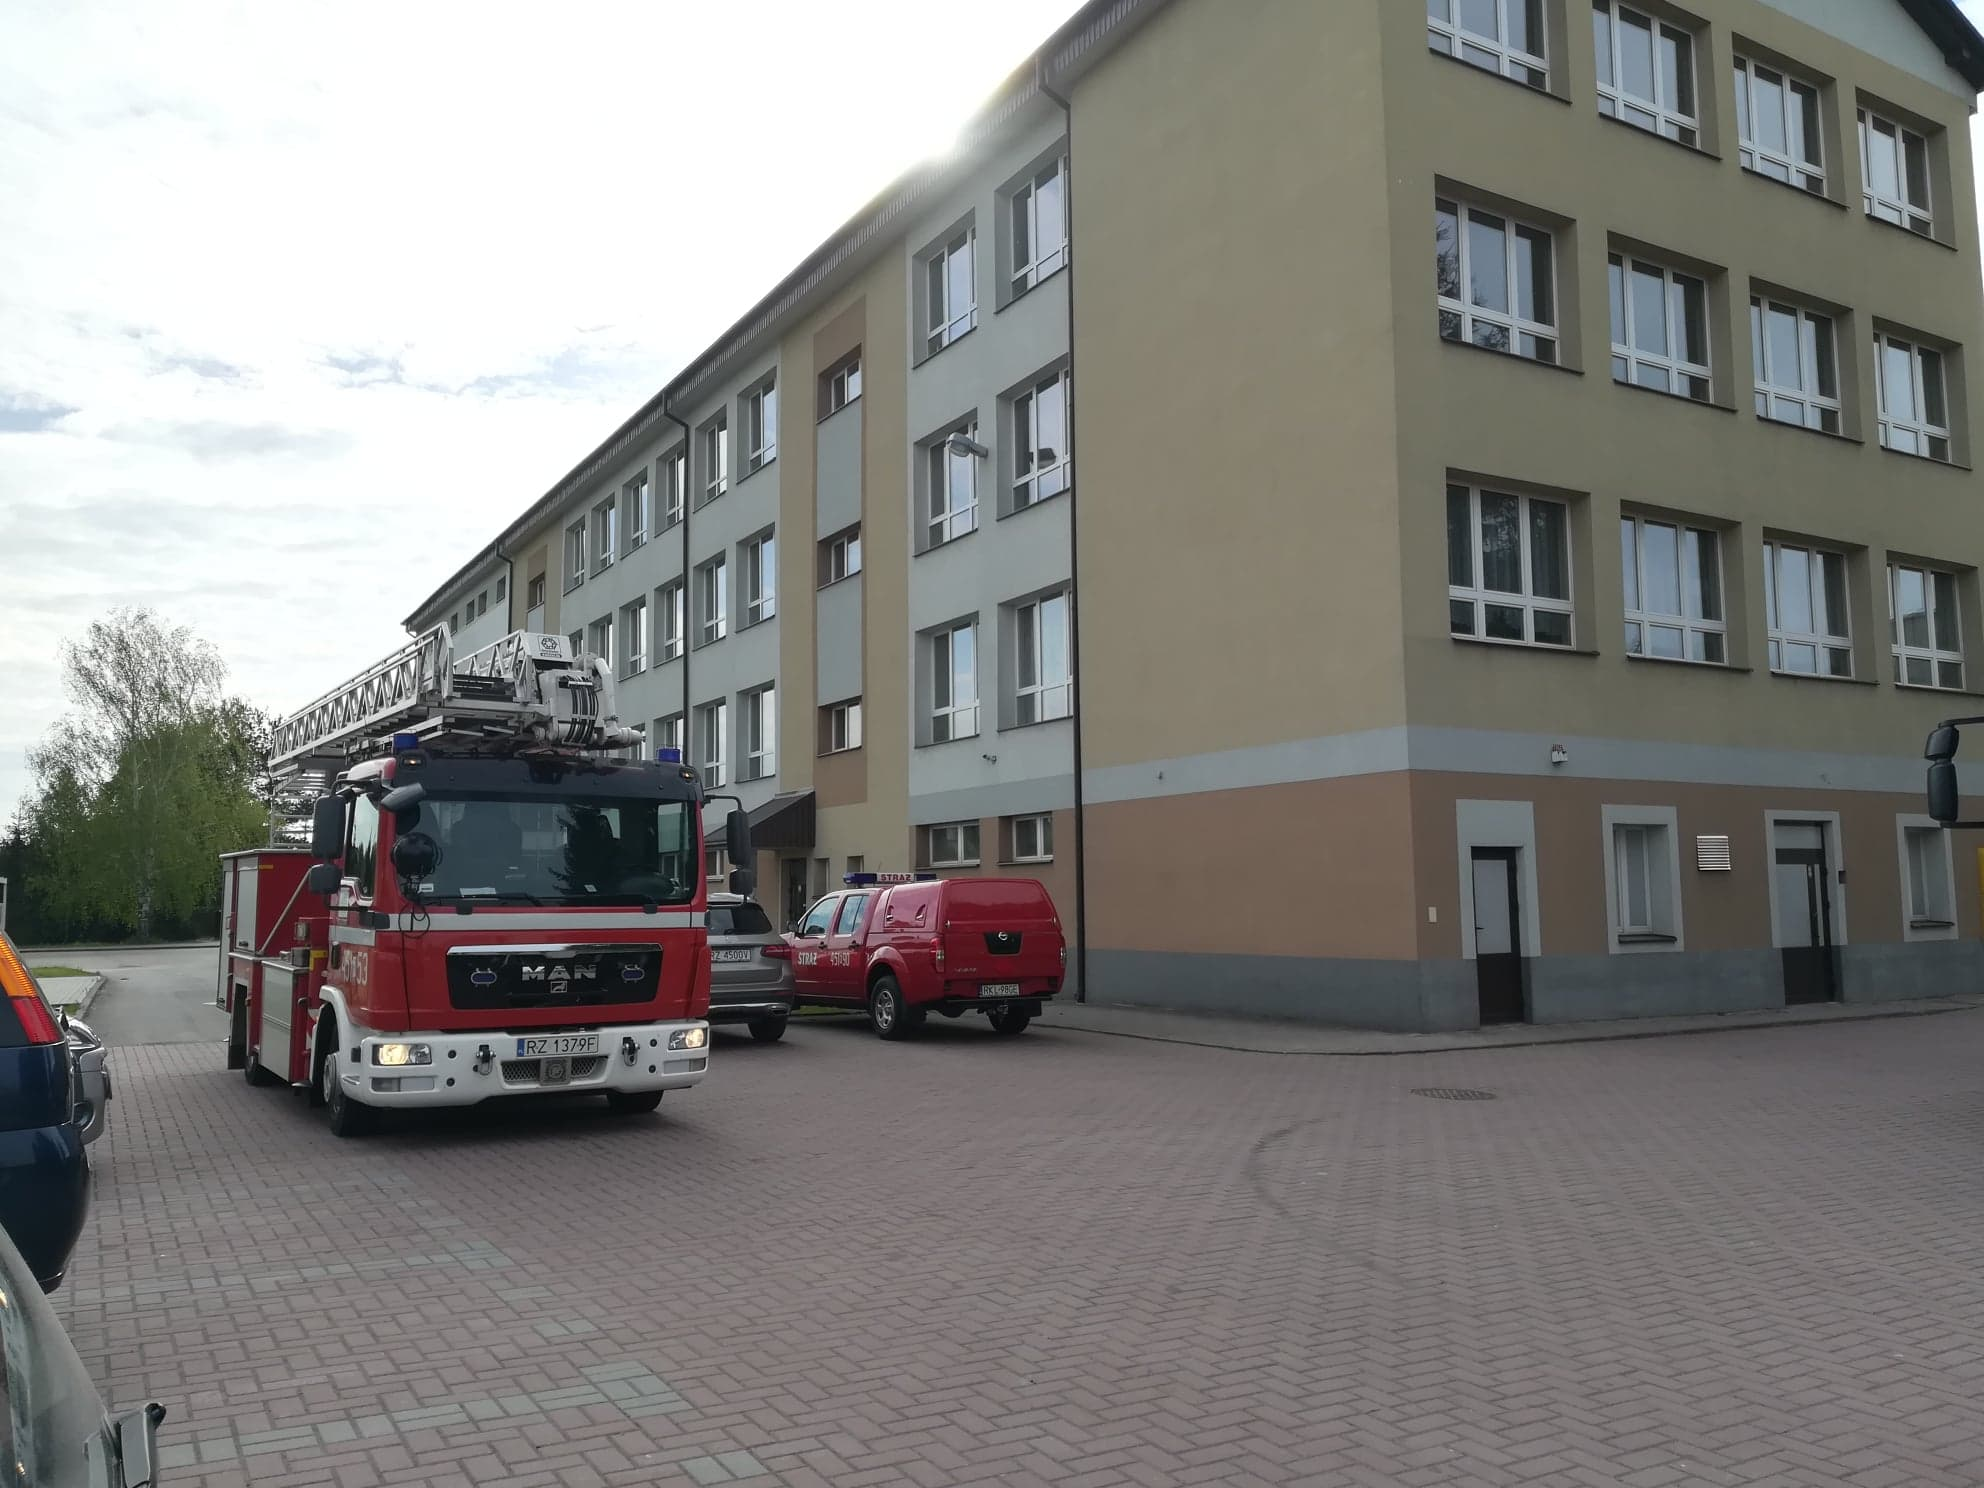 Alarm bombowy w dwóch placówkach na terenie gminy Kolbuszowa [ZDJĘCIA] - Zdjęcie główne